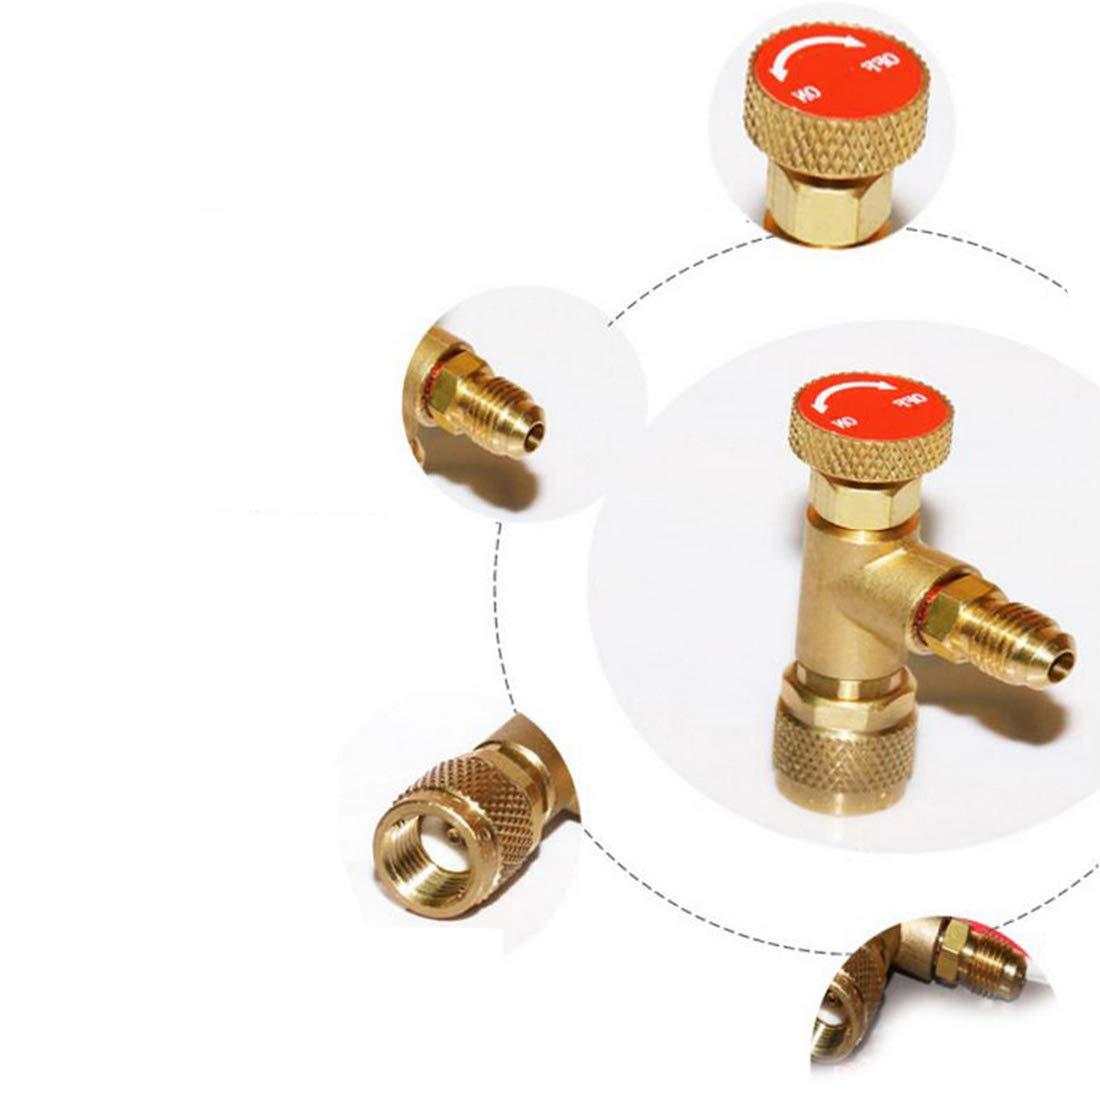 VIGORFLYRUN PARTS LTD 1pcs R410A Adaptador de Válvula Refrigerante de Aire Acondicionado 1/4